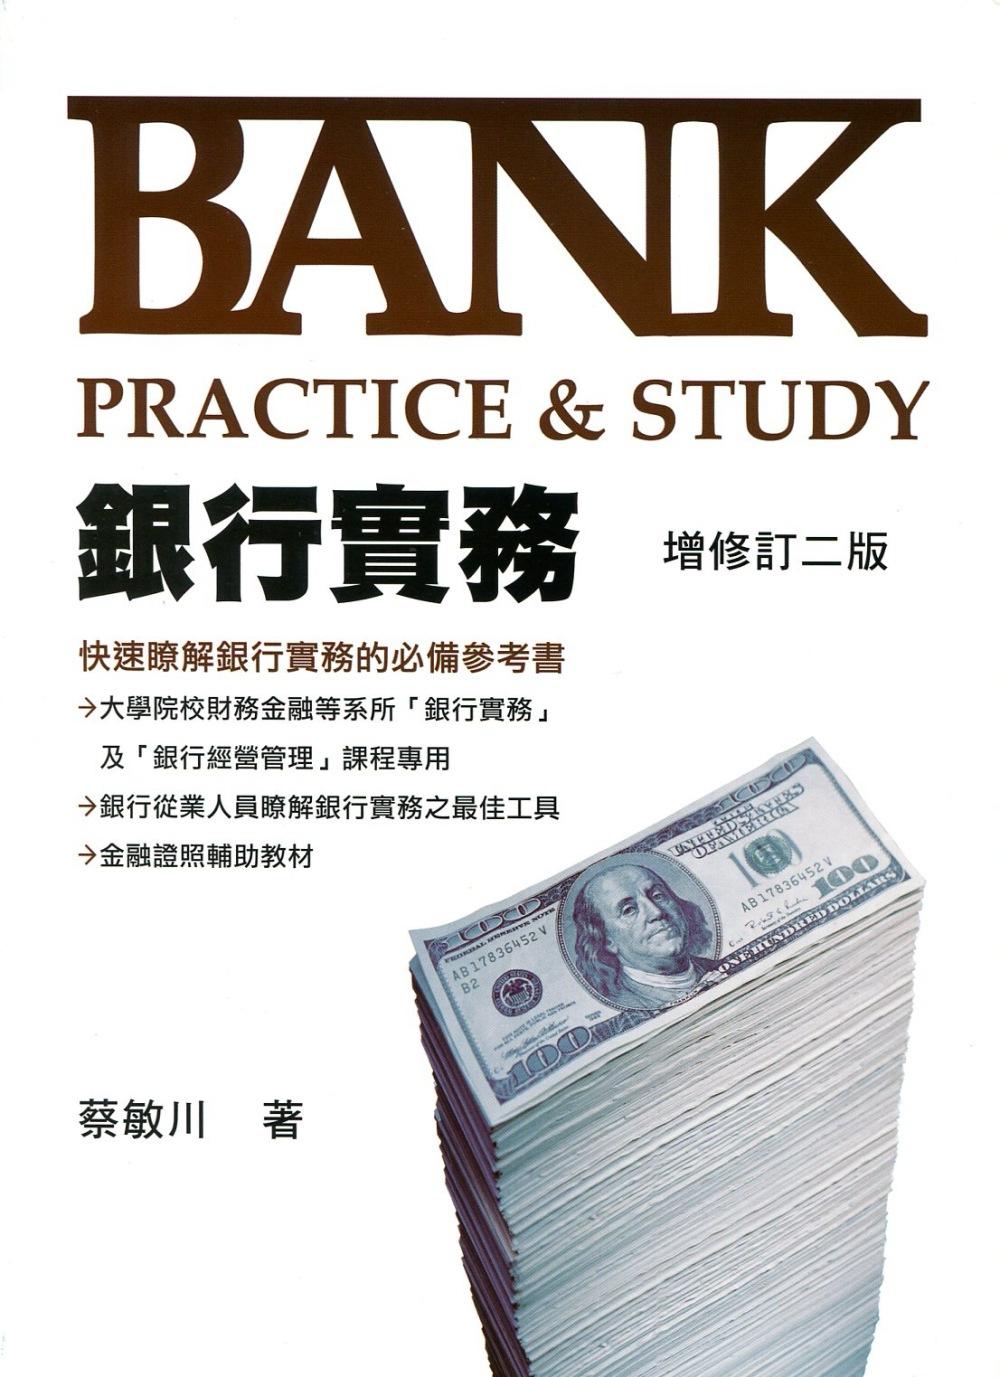 銀行實務:Bank Practice Study^(增修訂二版^)